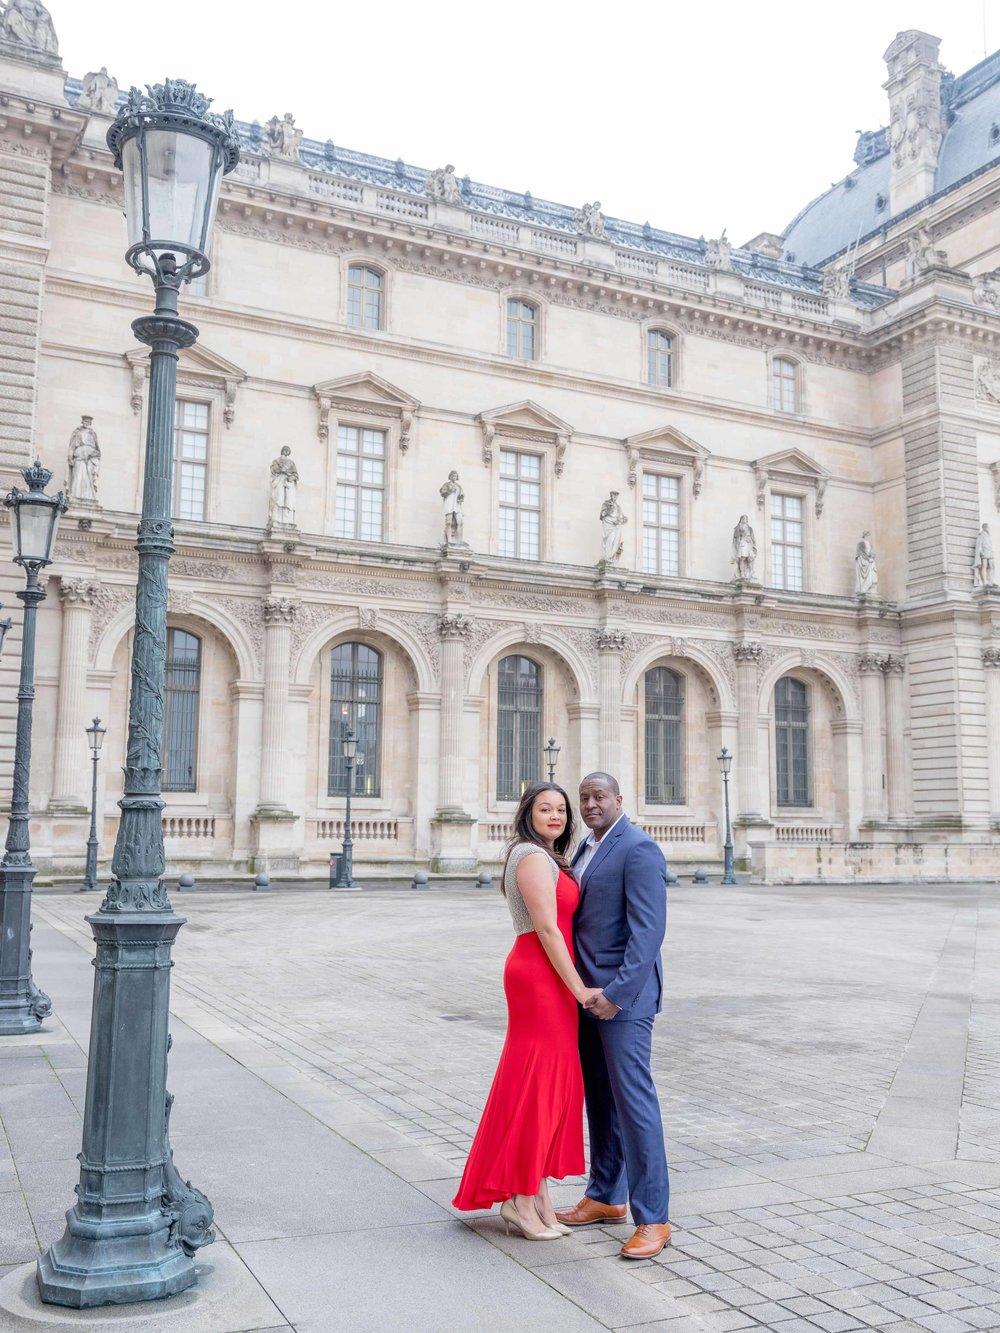 romantic couples photography paris france louvre museum